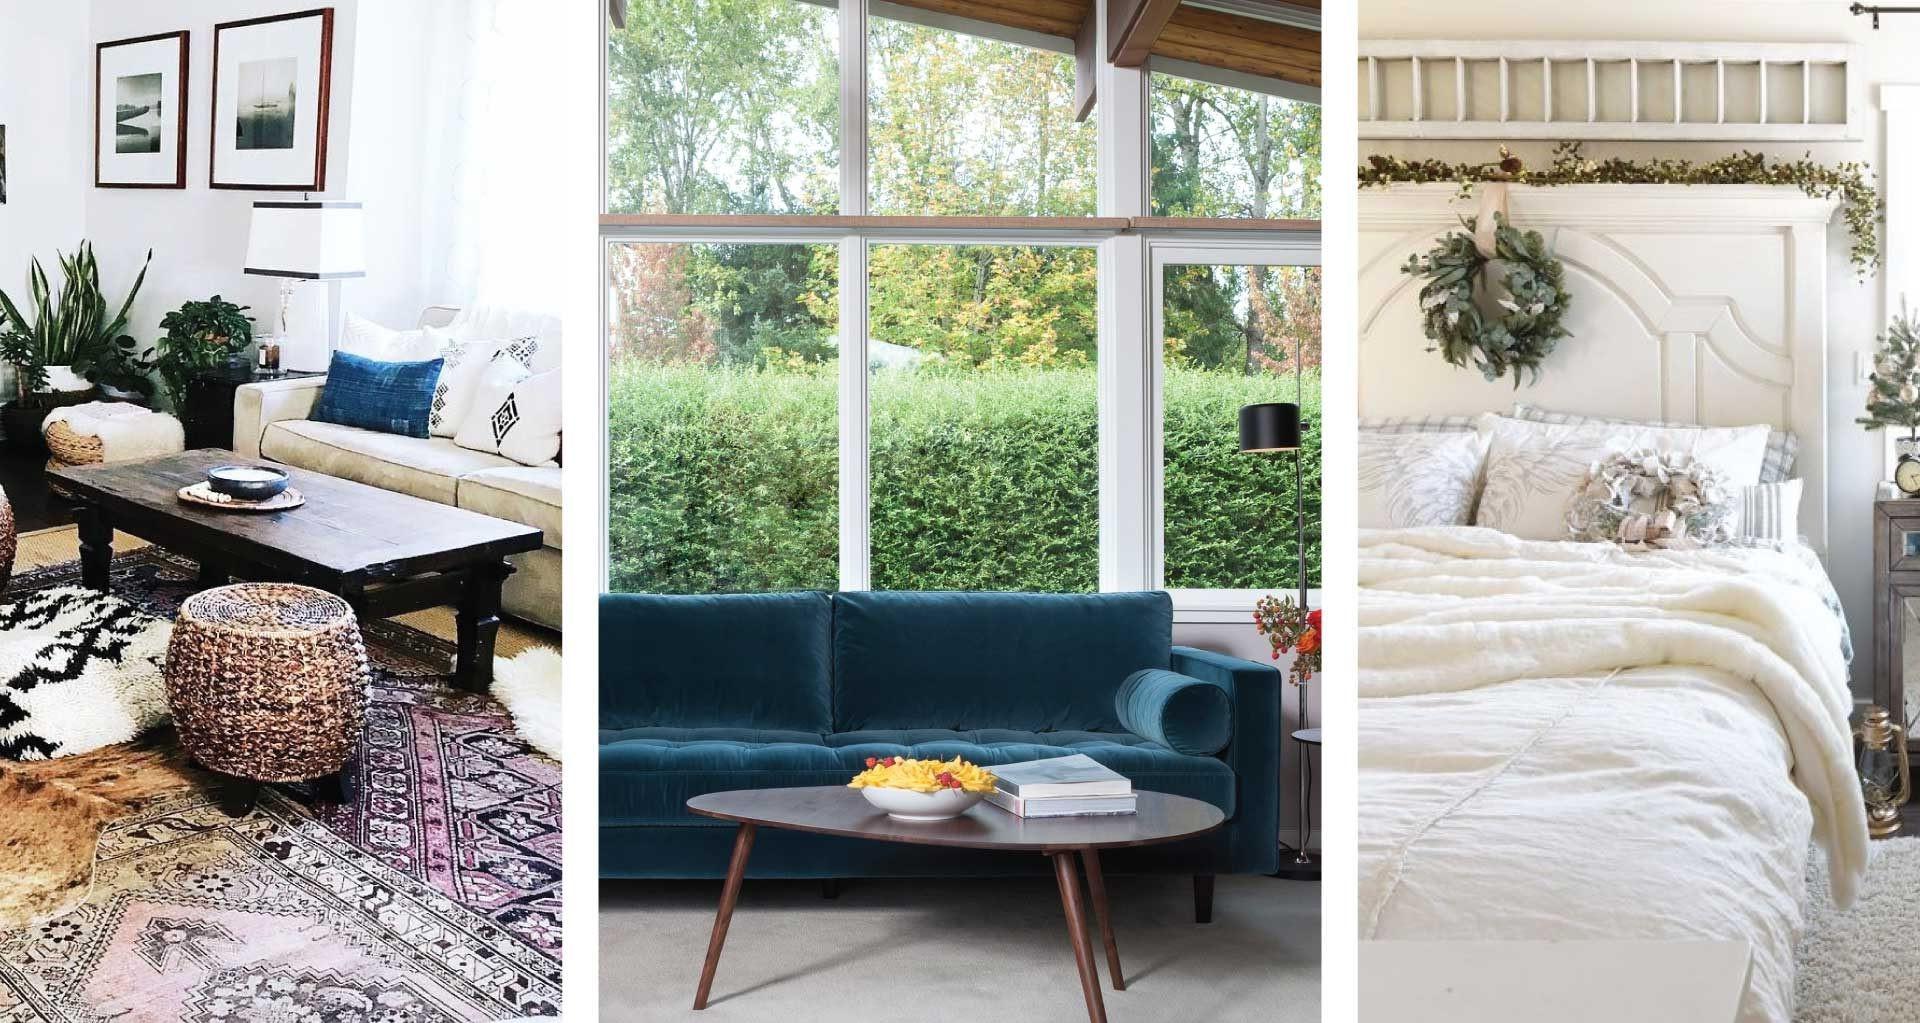 Décorez votre chambre avec des antiquités. Les meubles et les ornements des foires d'antiquités sont l'accompagnement idéal de la maison à thème de pays anglais.